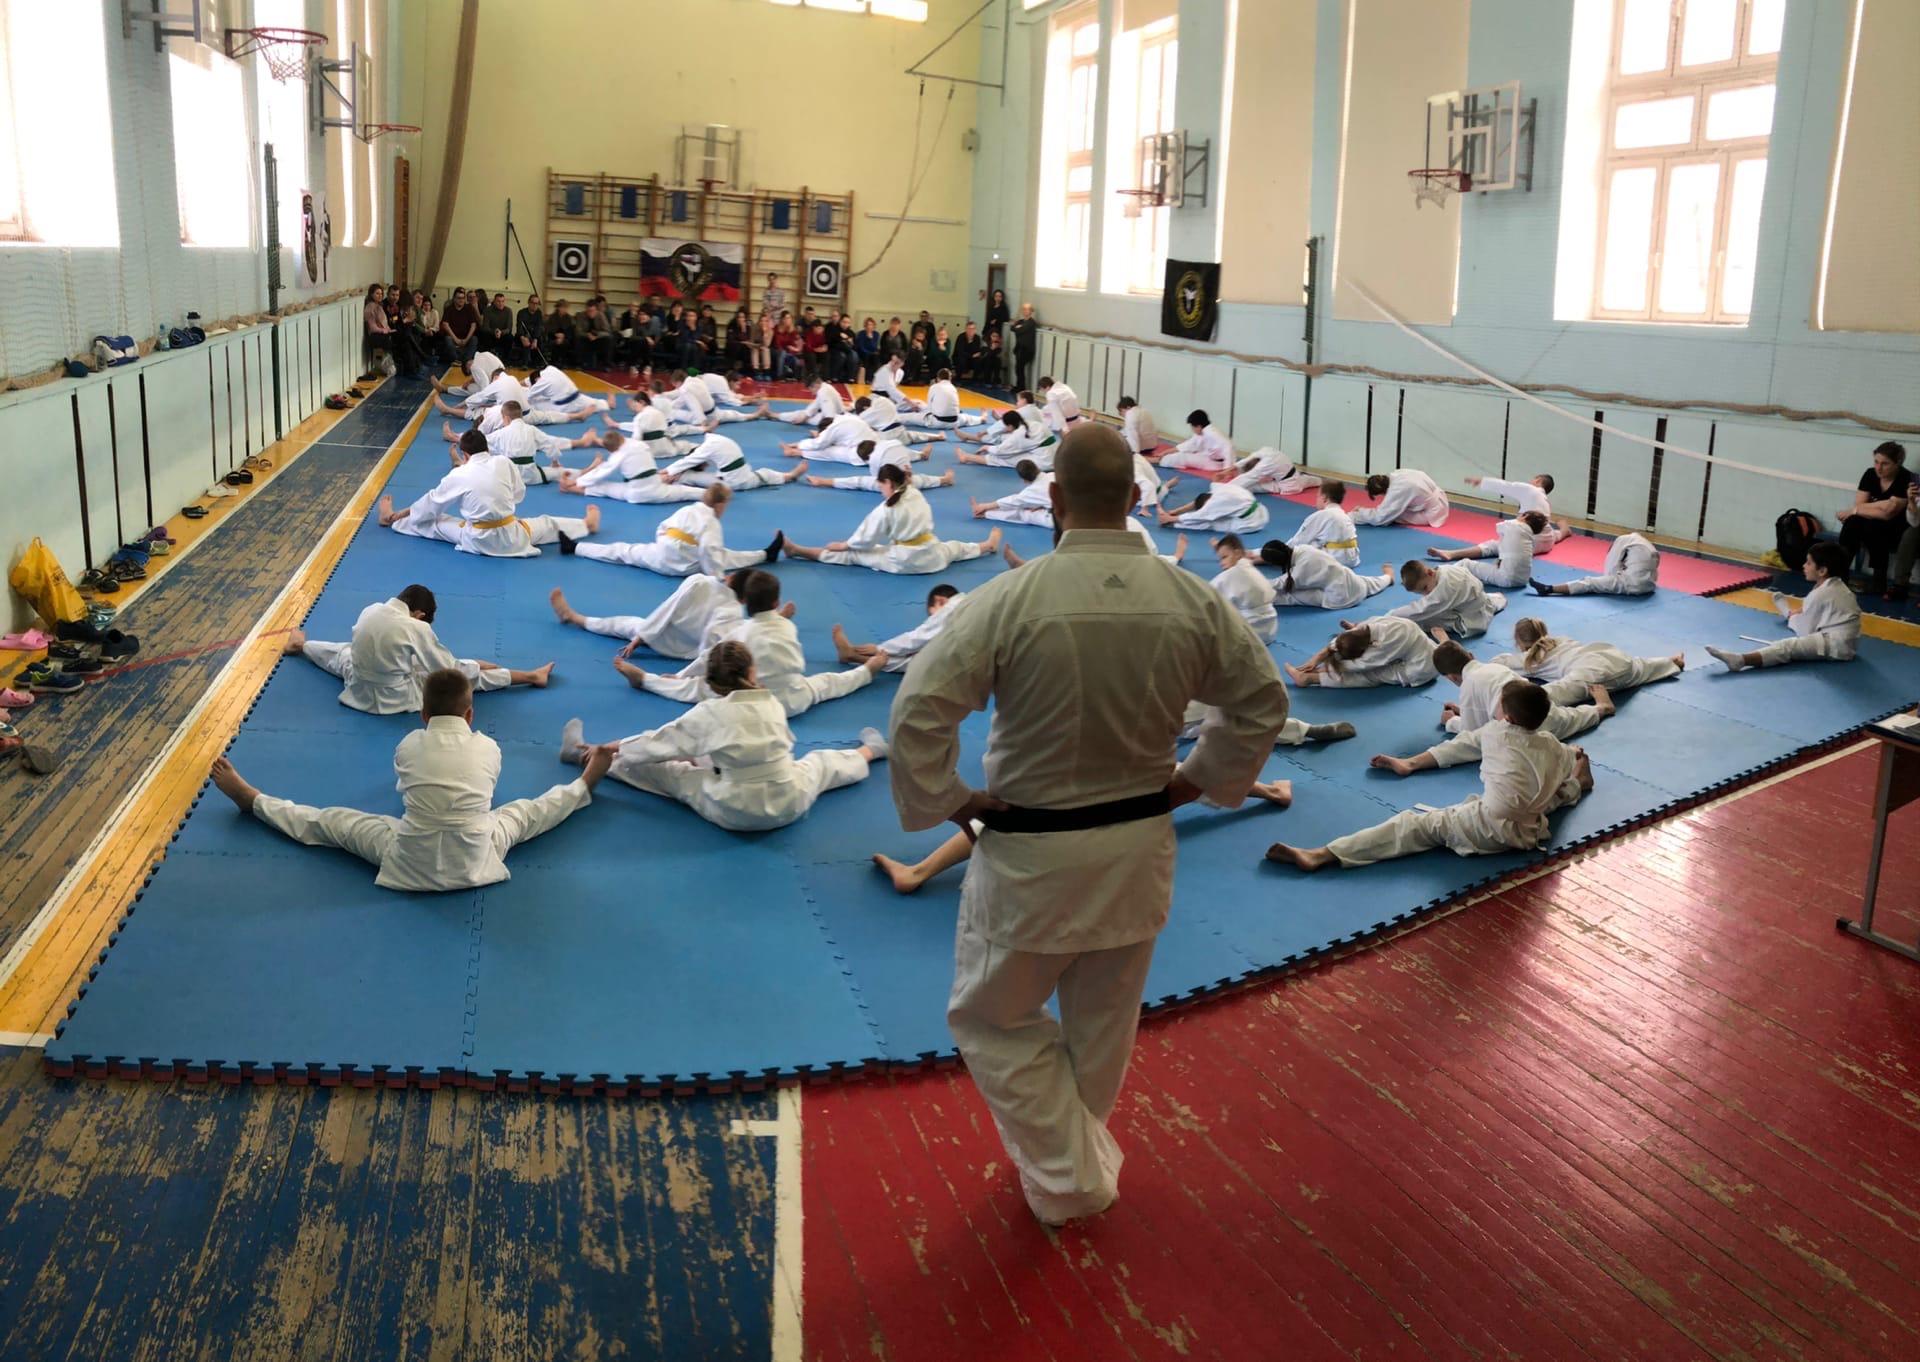 Представители спортивного клуба «Огава-Щербинка» провели подготовку к соревнованиям